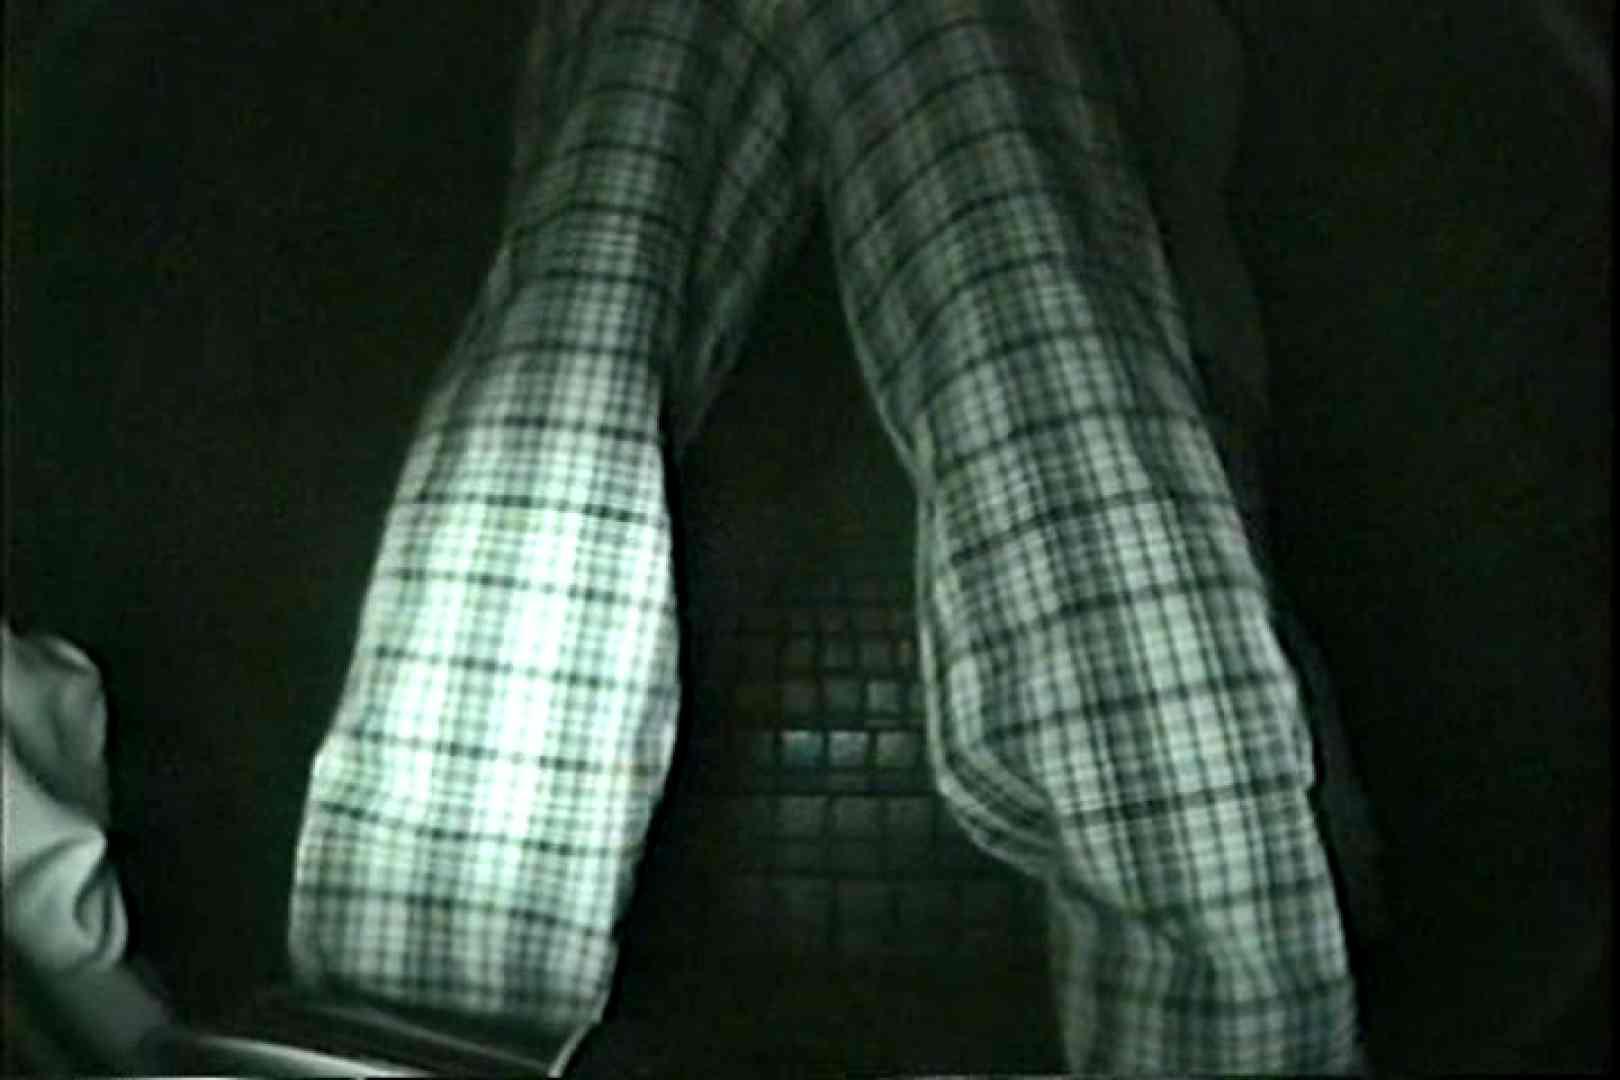 闇の仕掛け人 無修正版 Vol.17 セックス オマンコ動画キャプチャ 102pic 95